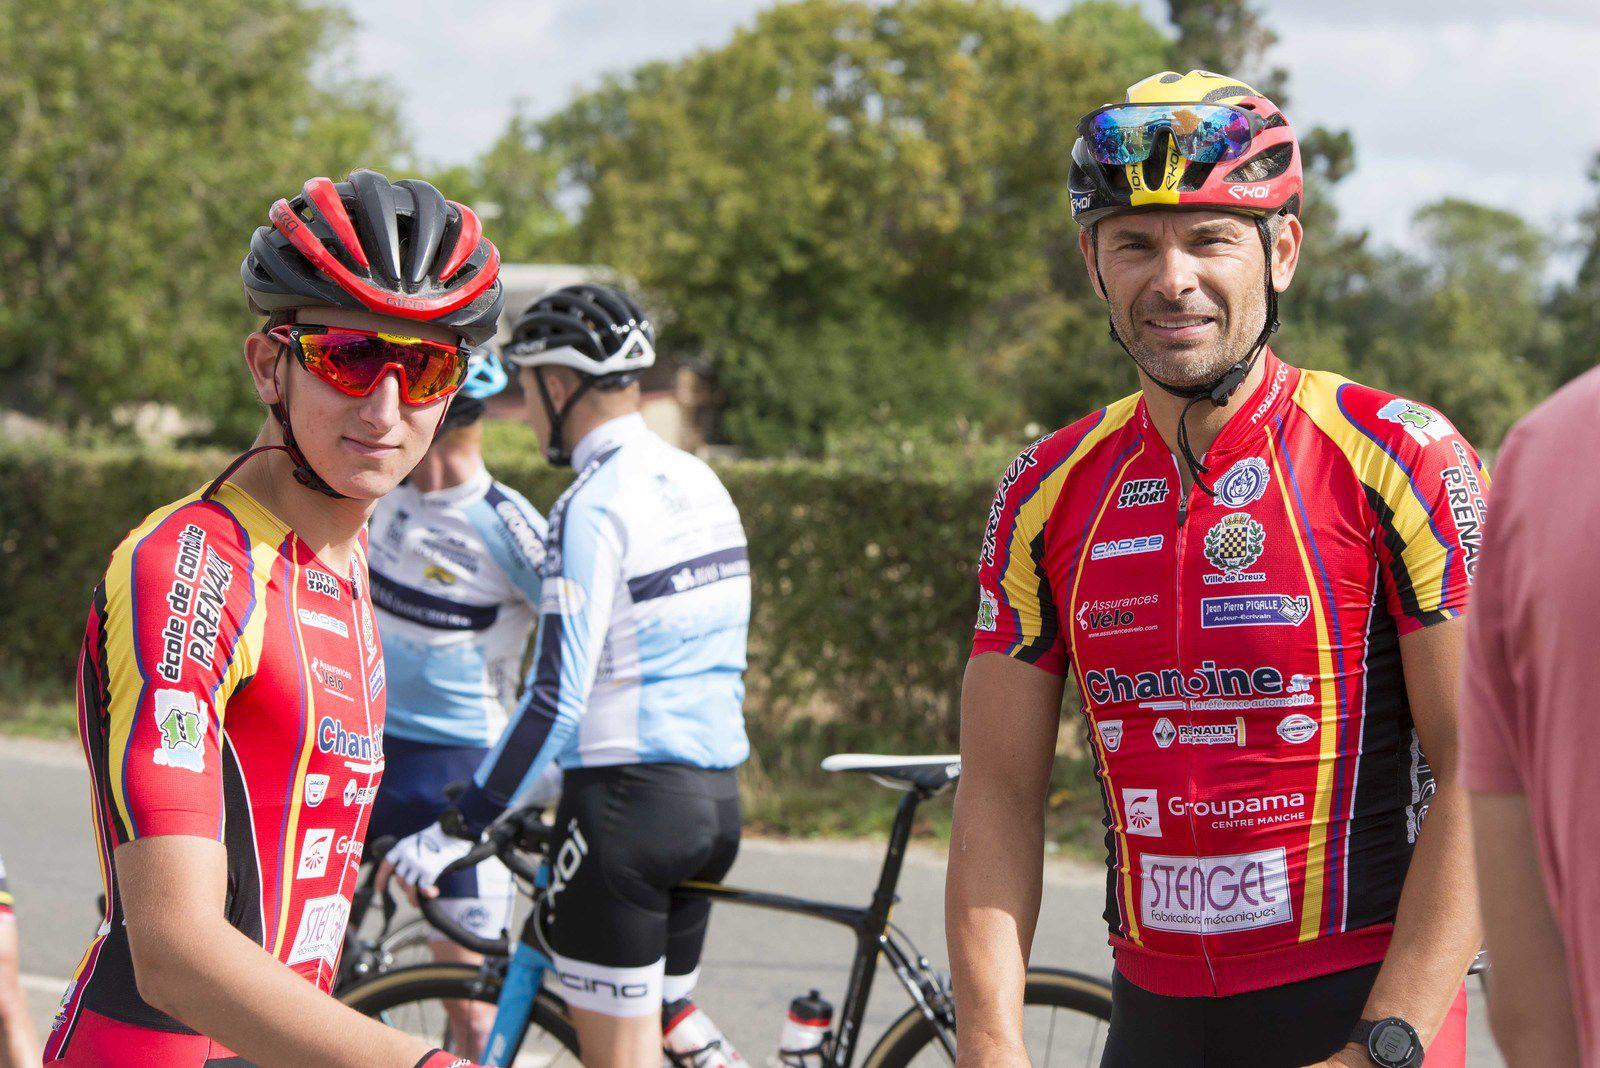 Ugo Stengel (Dreux CC) 8ème à la D2 de la Guéroulde (27)